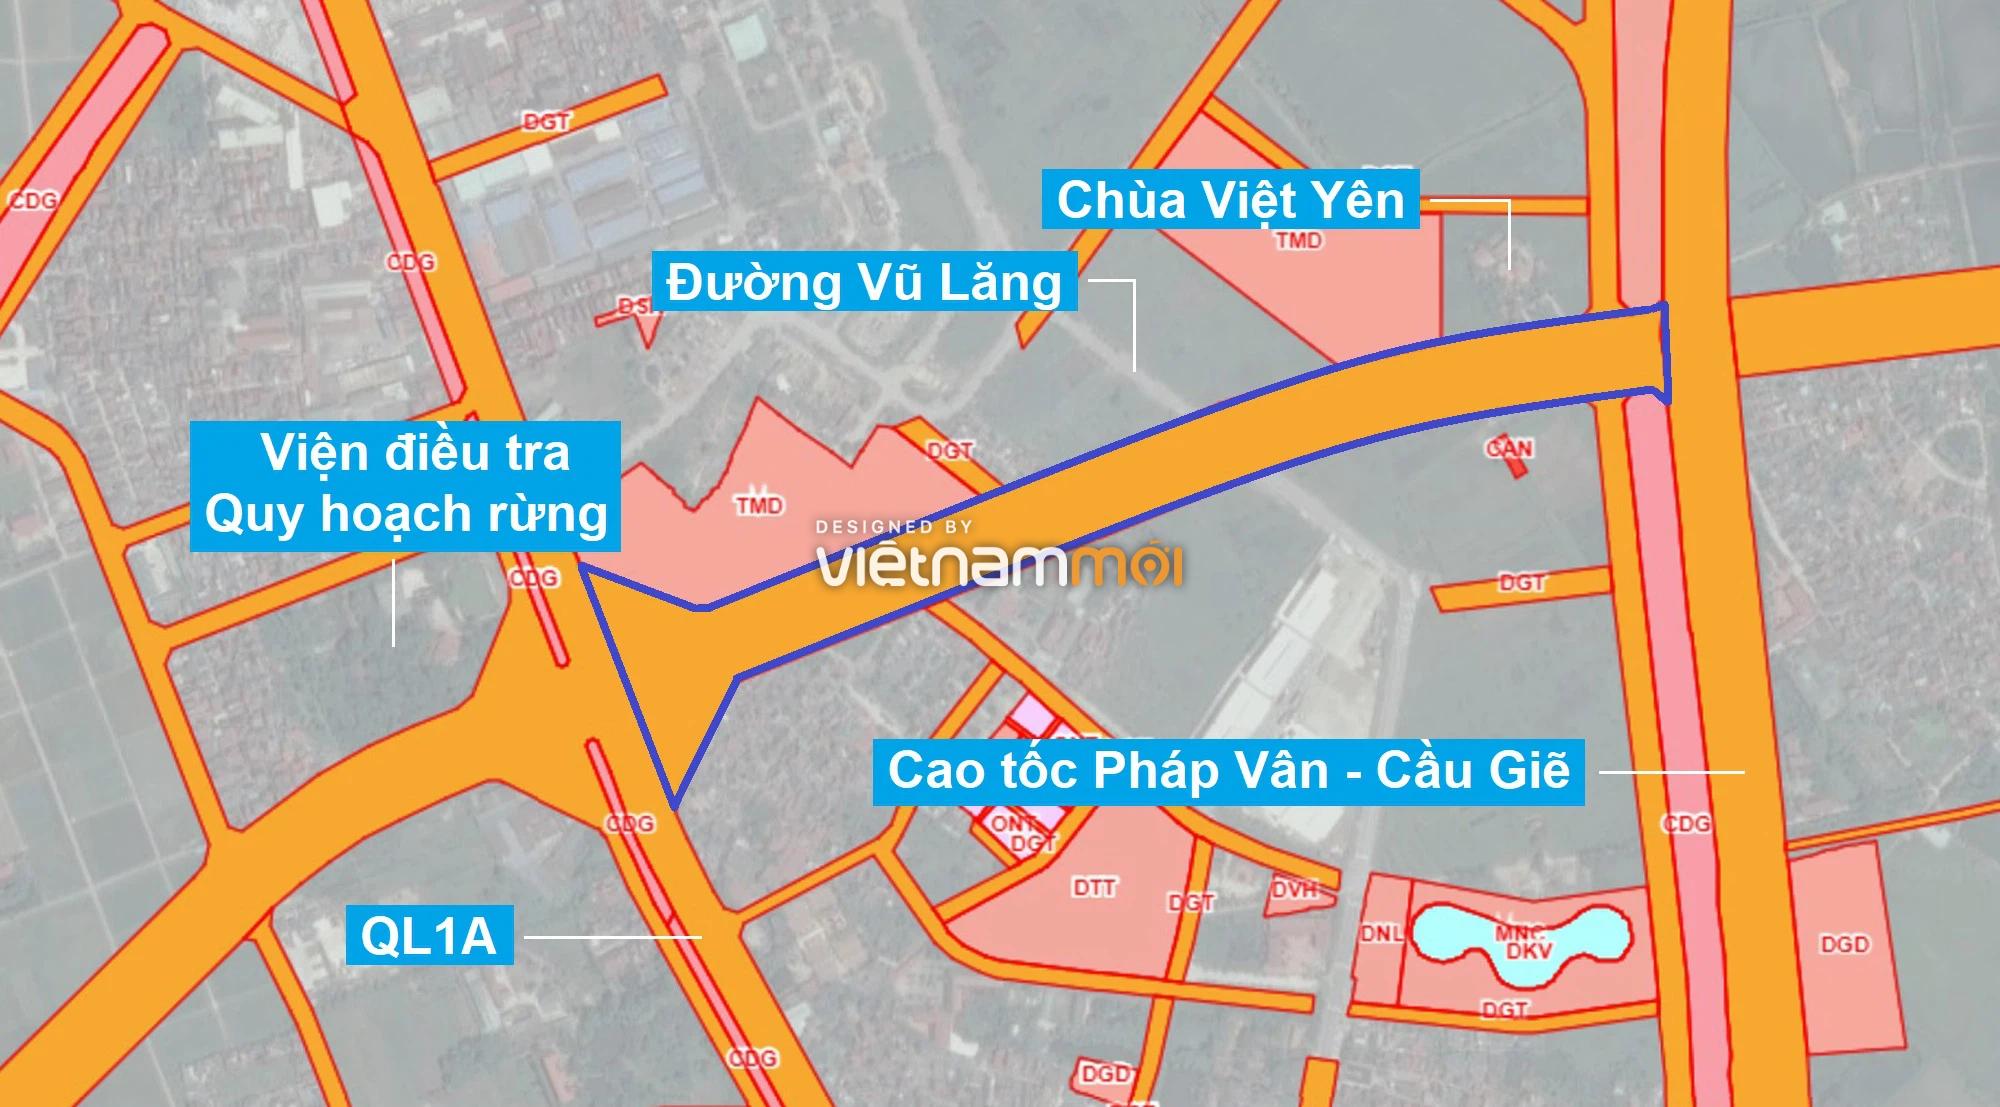 Những khu đất sắp thu hồi để mở đường ở xã Ngũ Hiệp, Thanh Trì, Hà Nội (phần 1) - Ảnh 1.